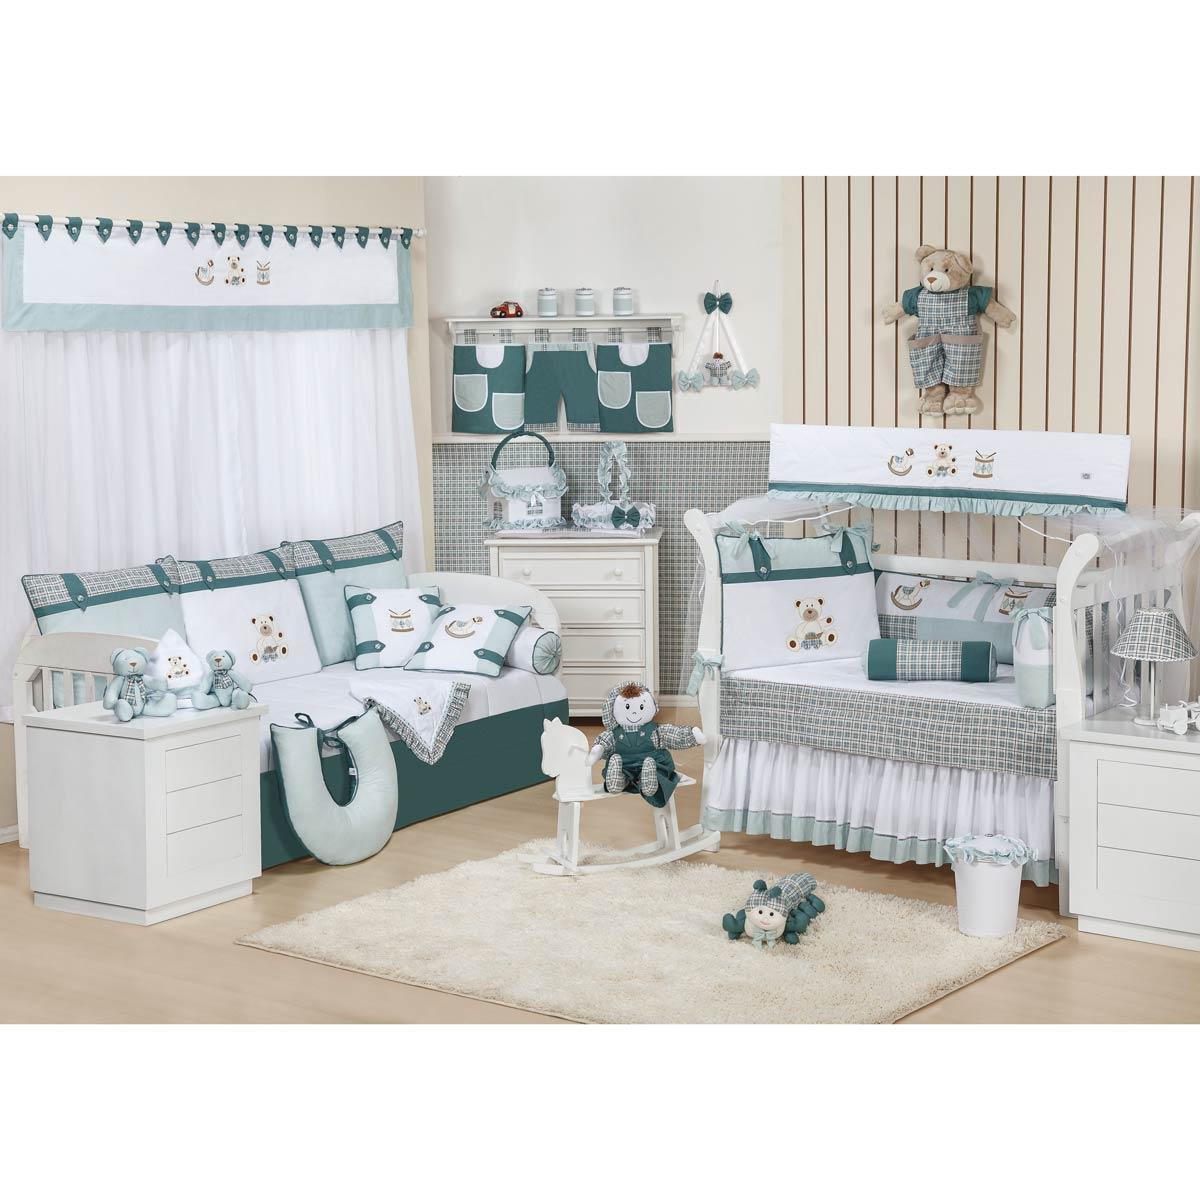 Enfeite Decorativo Urso P - Coleção Brinquedos Baby - 25cm